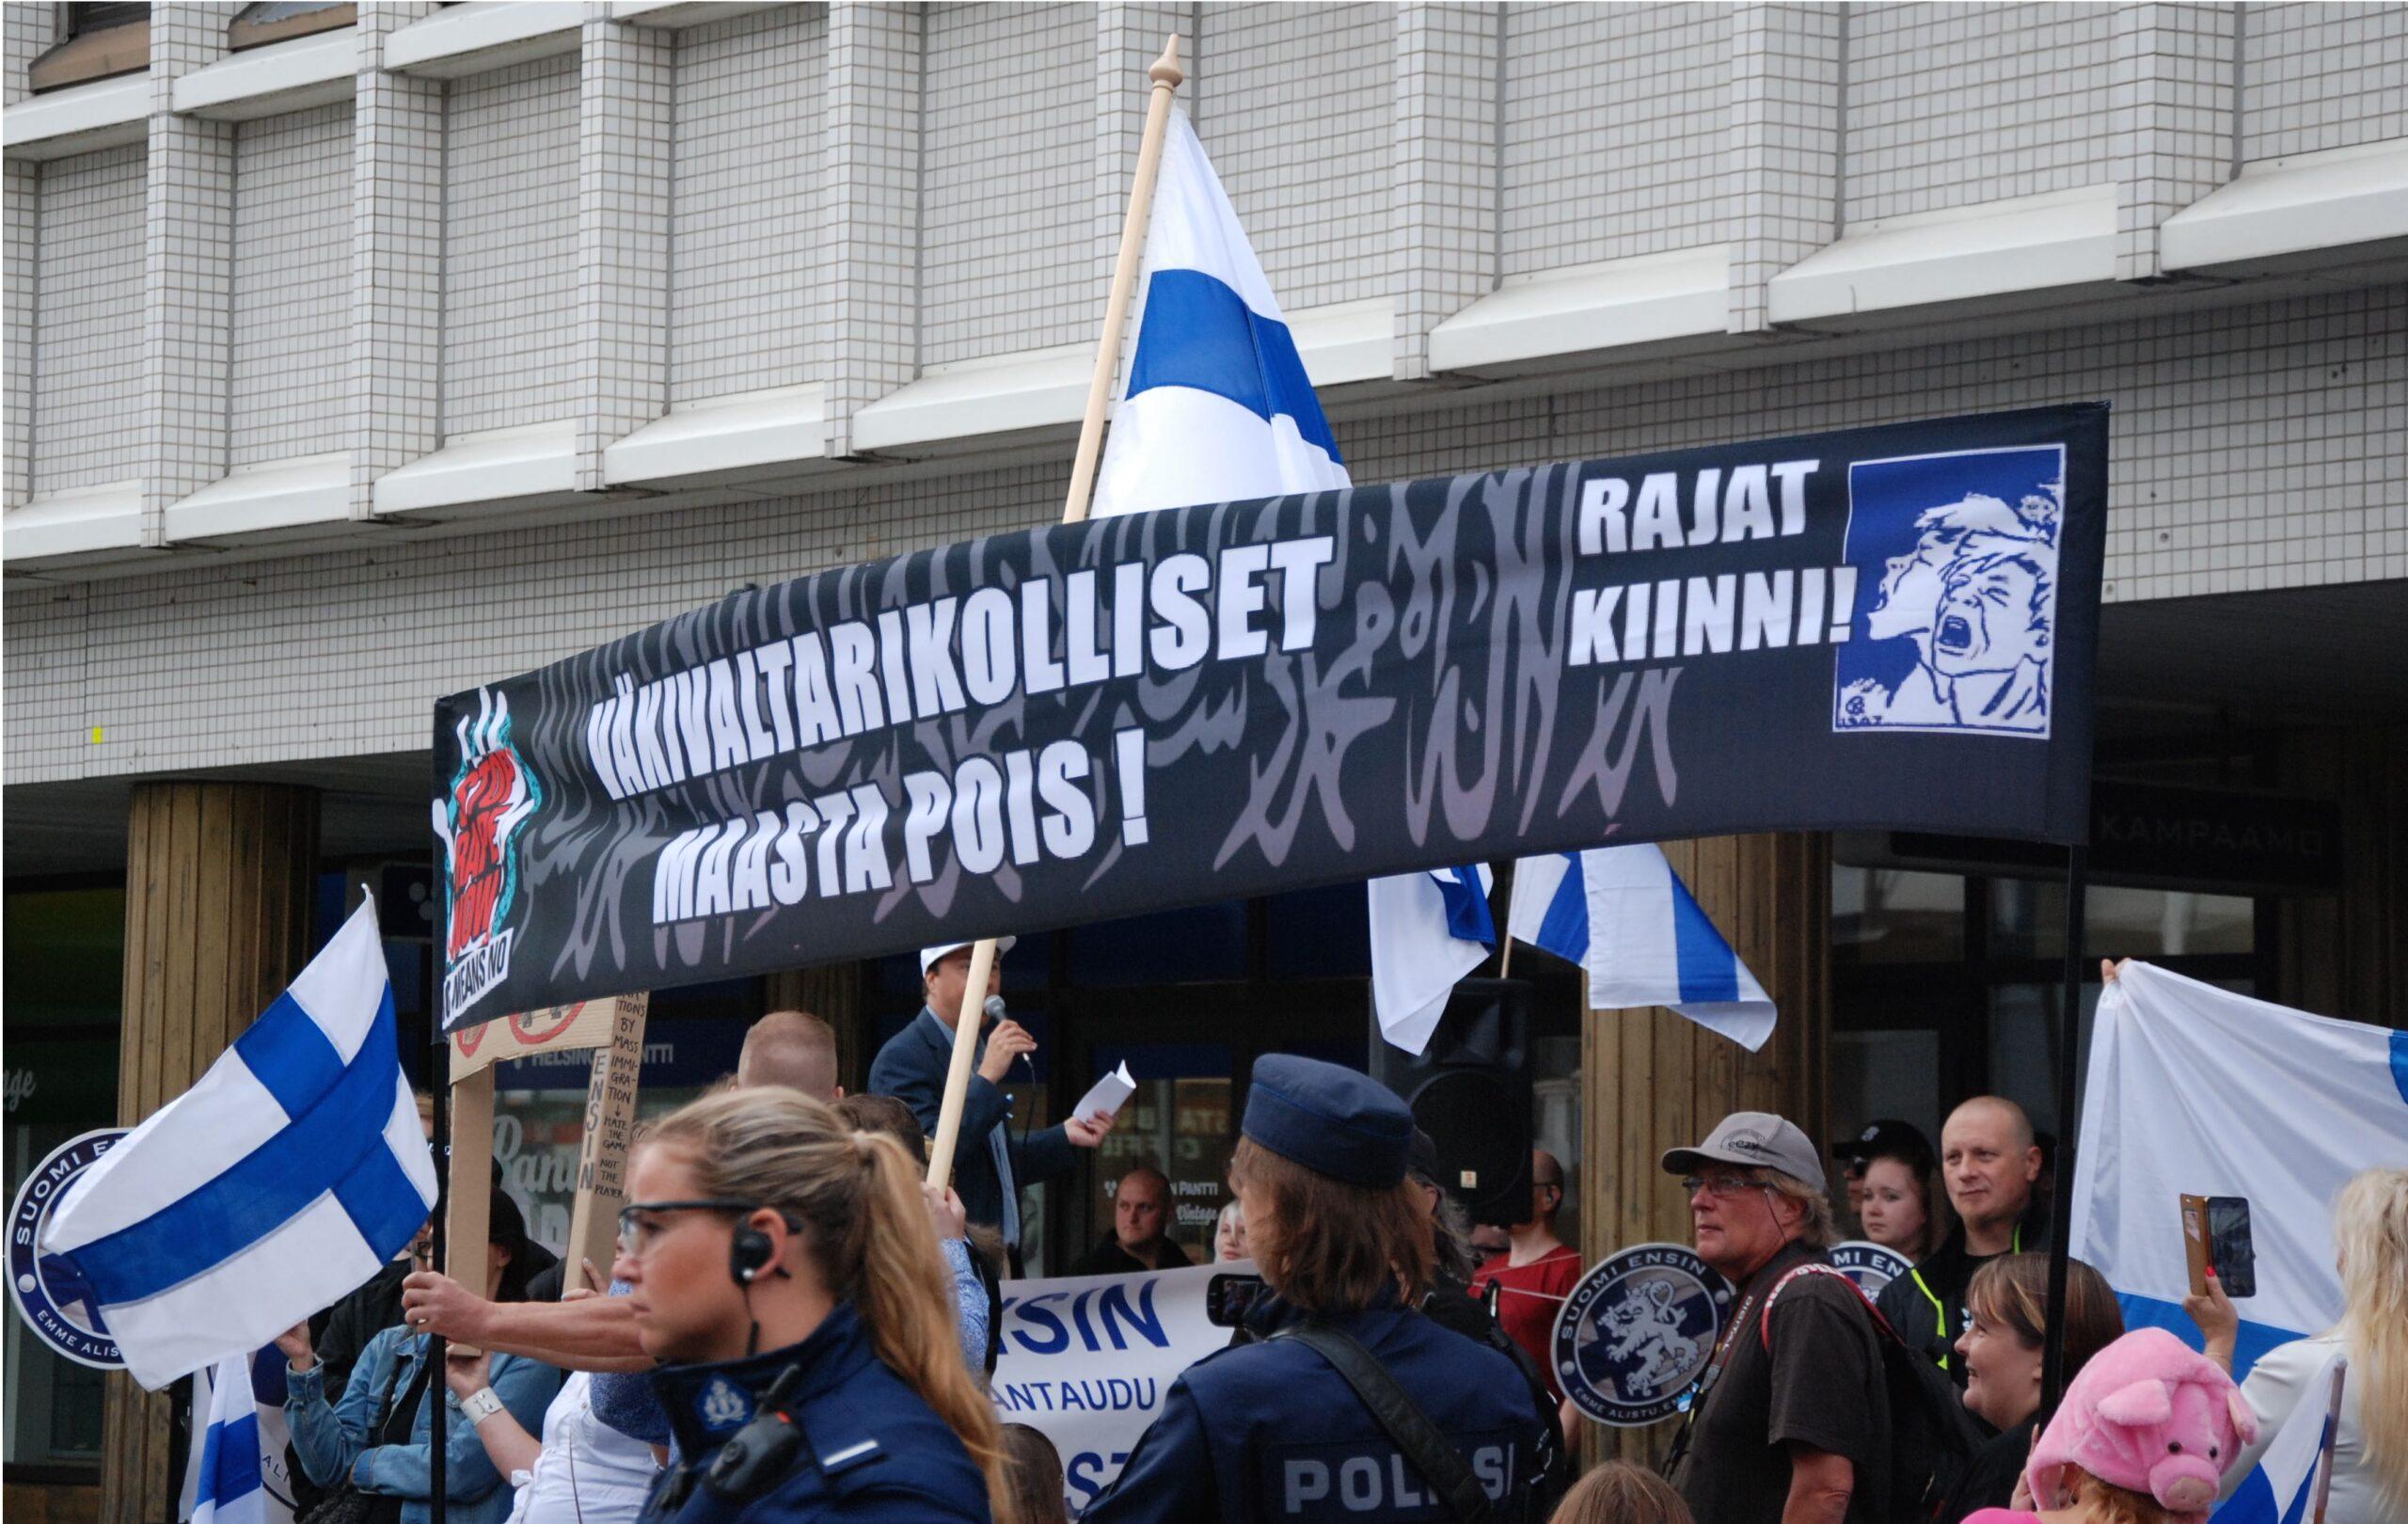 Mikäli puoluerekisteriin pyrkivä Rajat Kiinni! -ryhmä saa jytkyn ja pääsee valtaa, niin saamme jännittää mihin he lähettävät verrattoman monista väkivaltarikoksista tuomitut Soldiers of Odin -soturit.